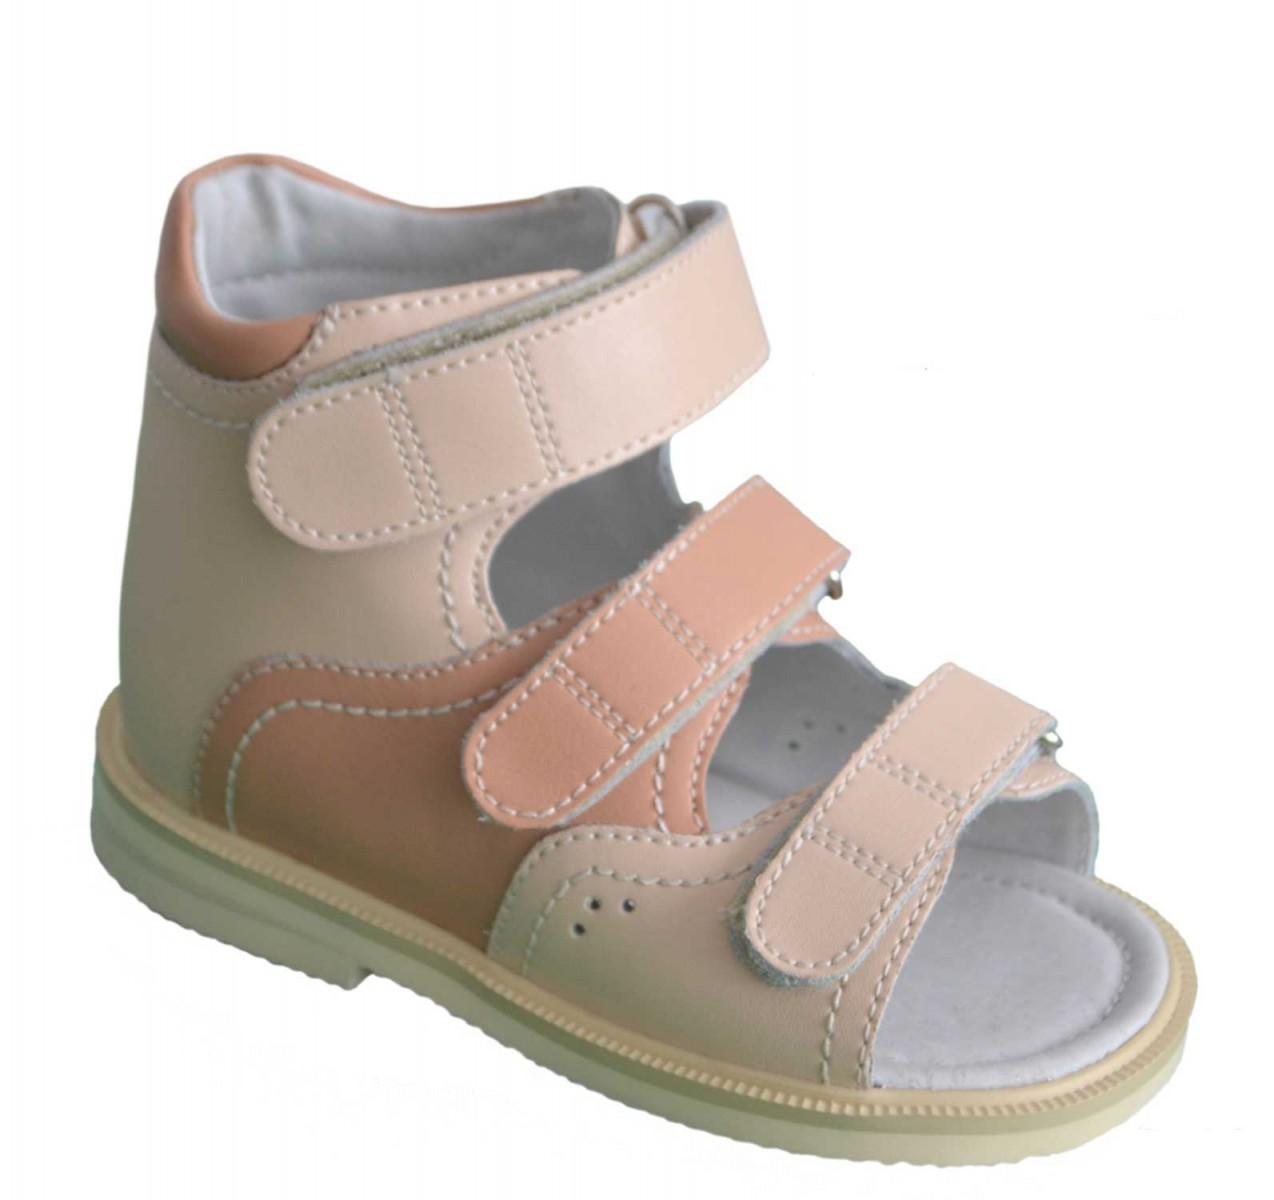 71073782e Босоножки ортопедические детские, сандалии летние | Производитель ...